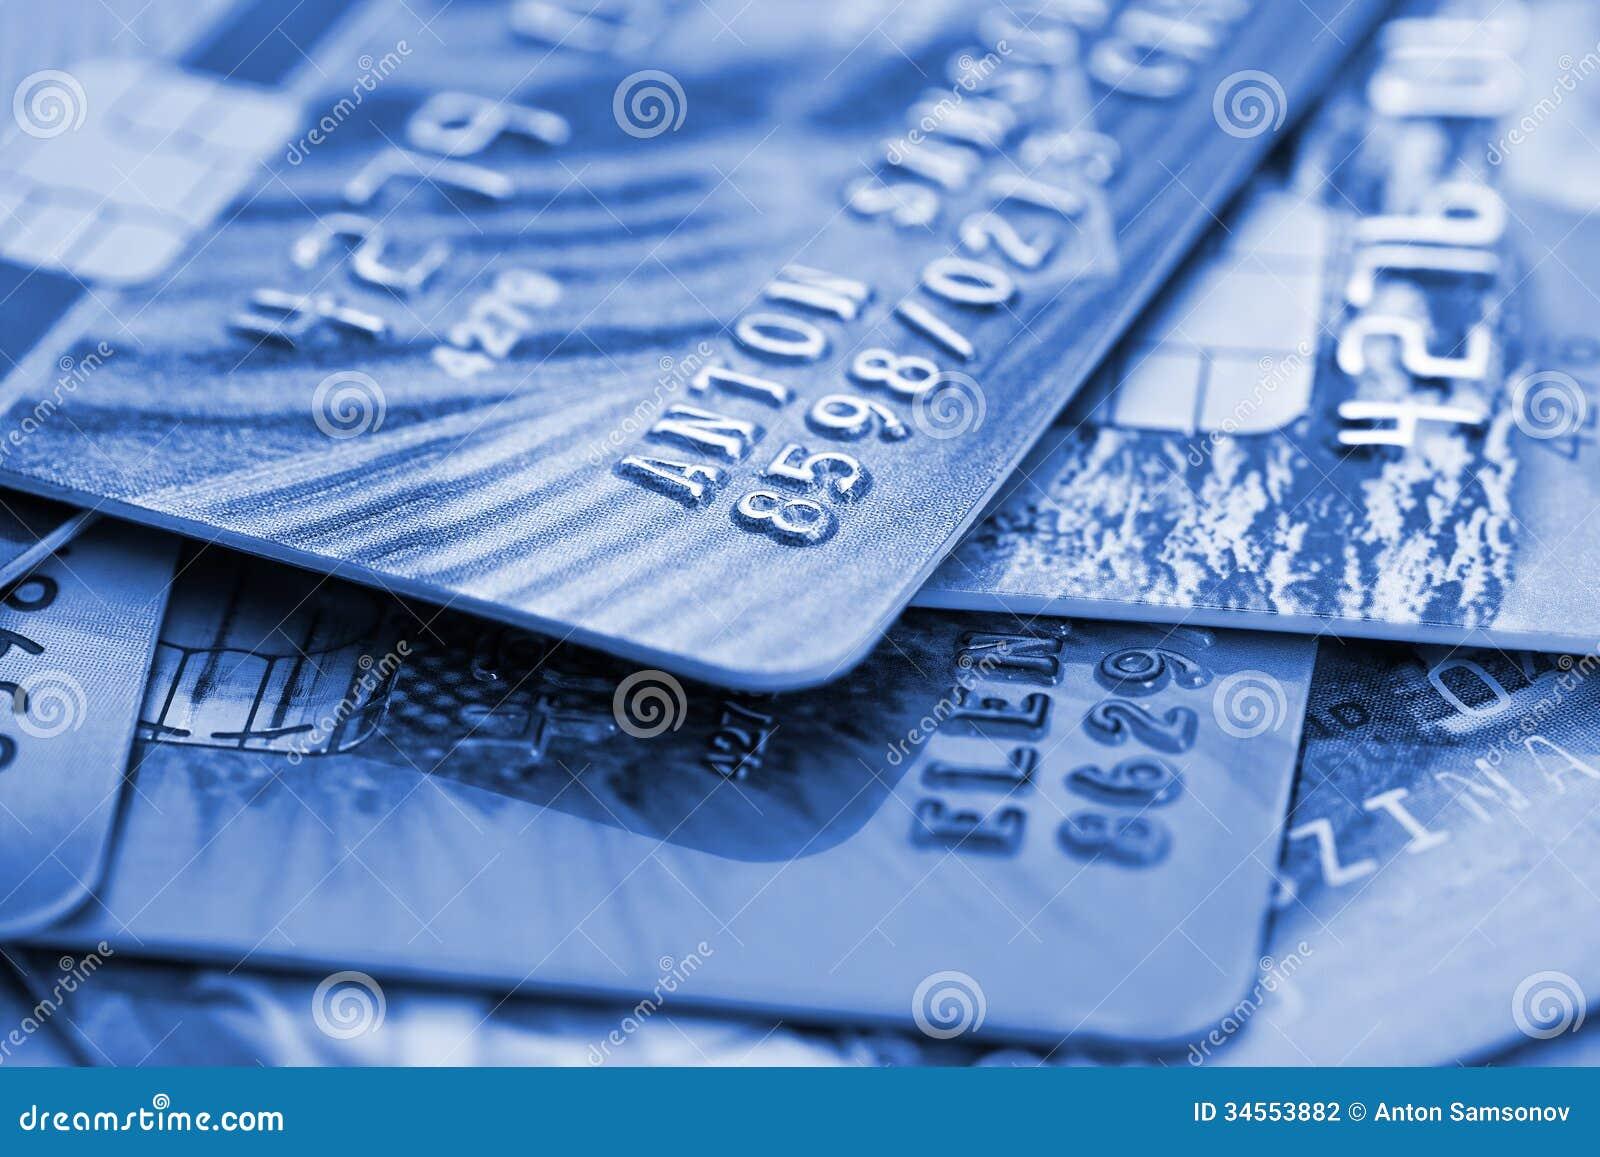 пластиковая карта стоимость Рославль